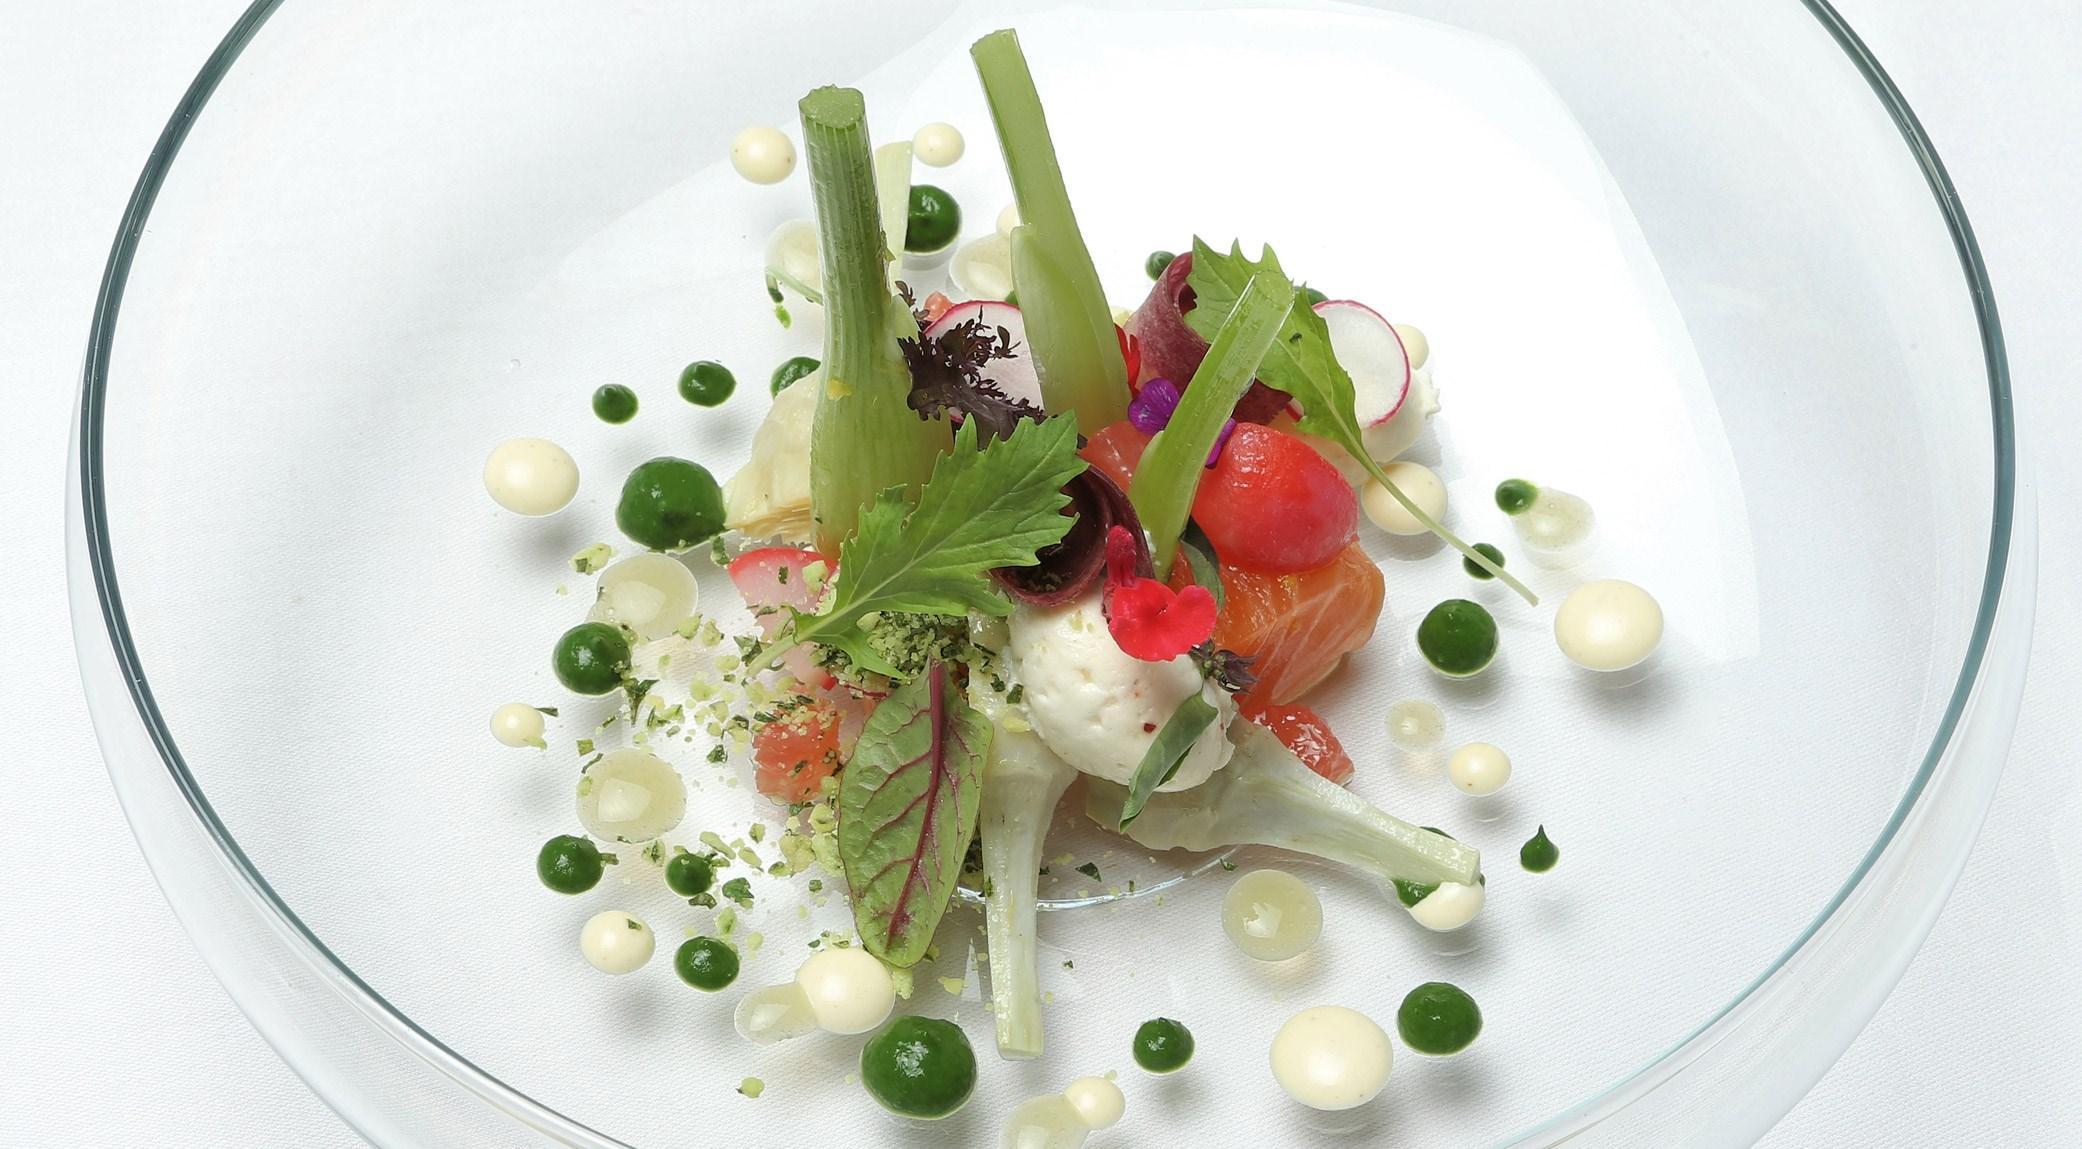 Anne-Sophie Taurines - Saumon mariné, légumes du jardin, roquette, pomme verte, sauces au gingembre, condiments et fleurs